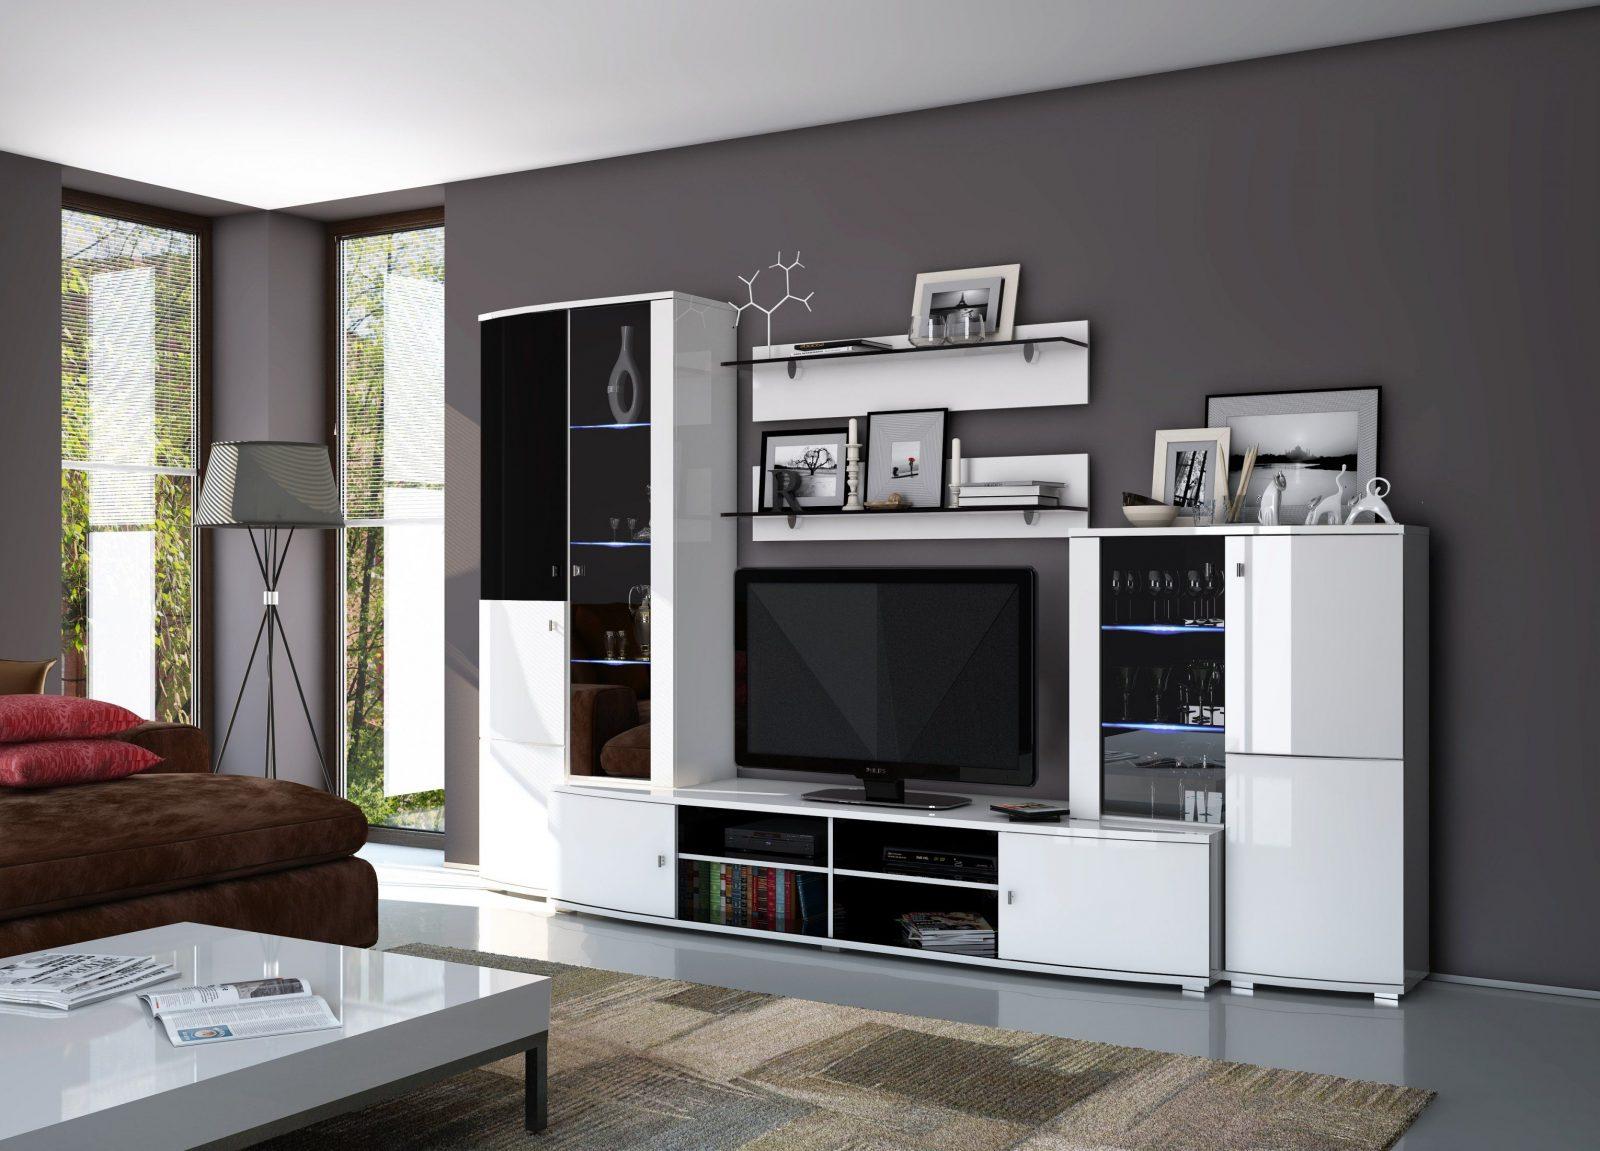 Wohnwand Mona Schwarzweiß 5Tlg Hochglanz Led  Jaago Möbelshop von Wohnwand Weiß Schwarz Hochglanz Photo